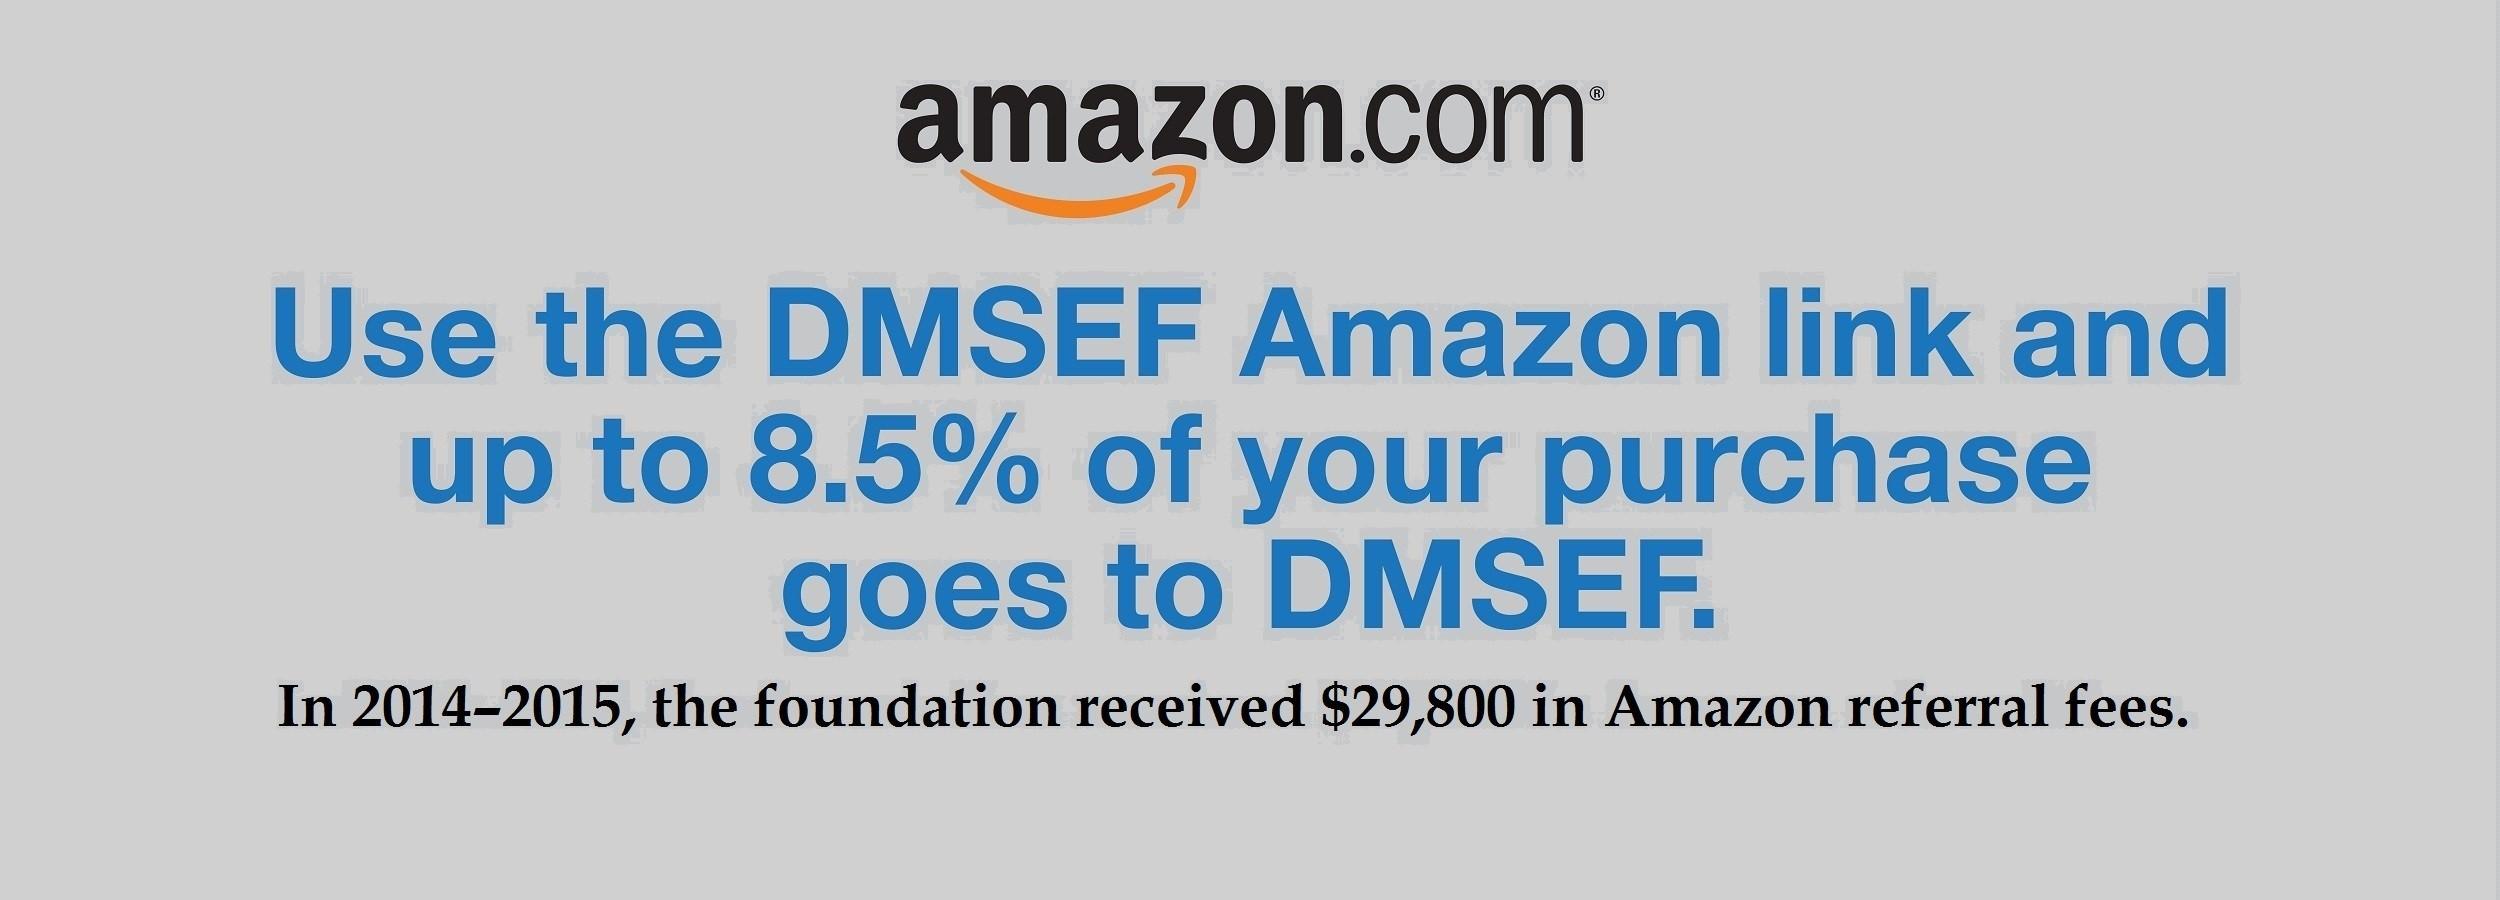 DMSEF-amazon_2014b